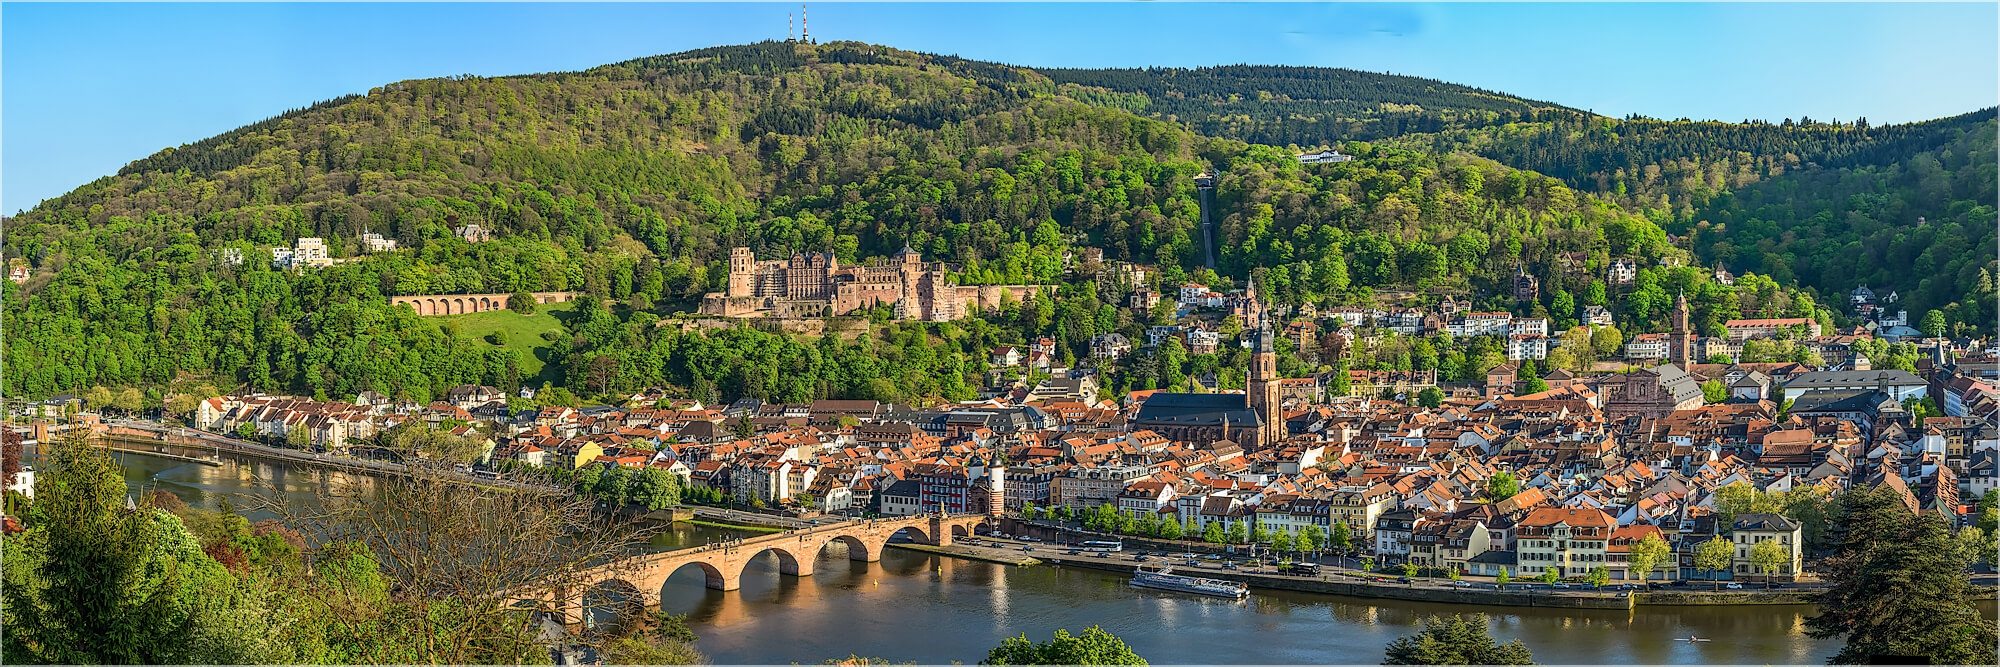 Panoramafoto Heidelberg auf dem Philosophenweg